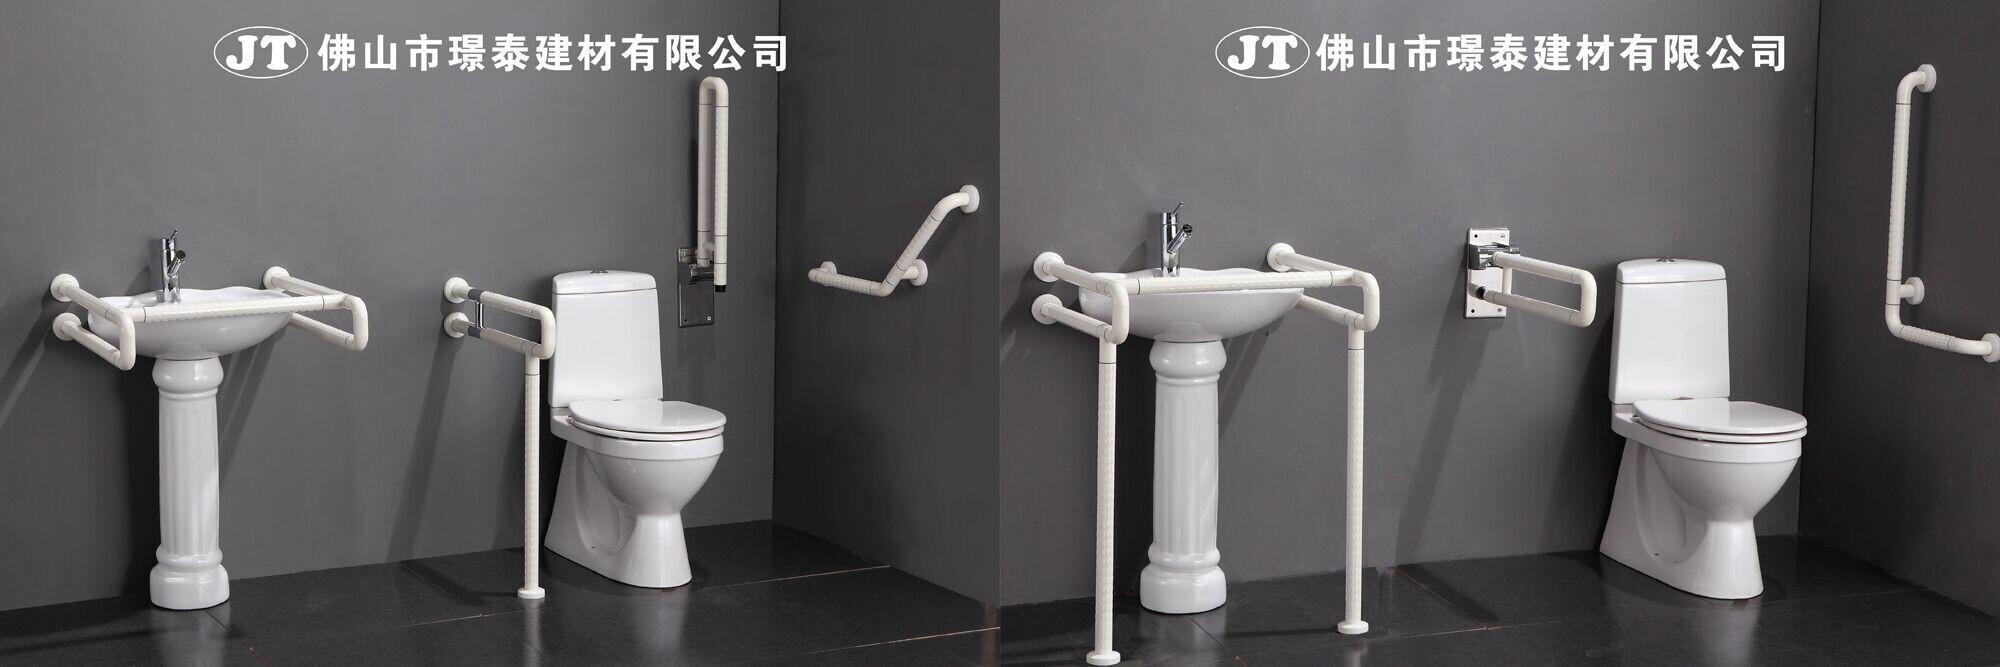 残疾人卫生间设计/无障碍卫生间设计